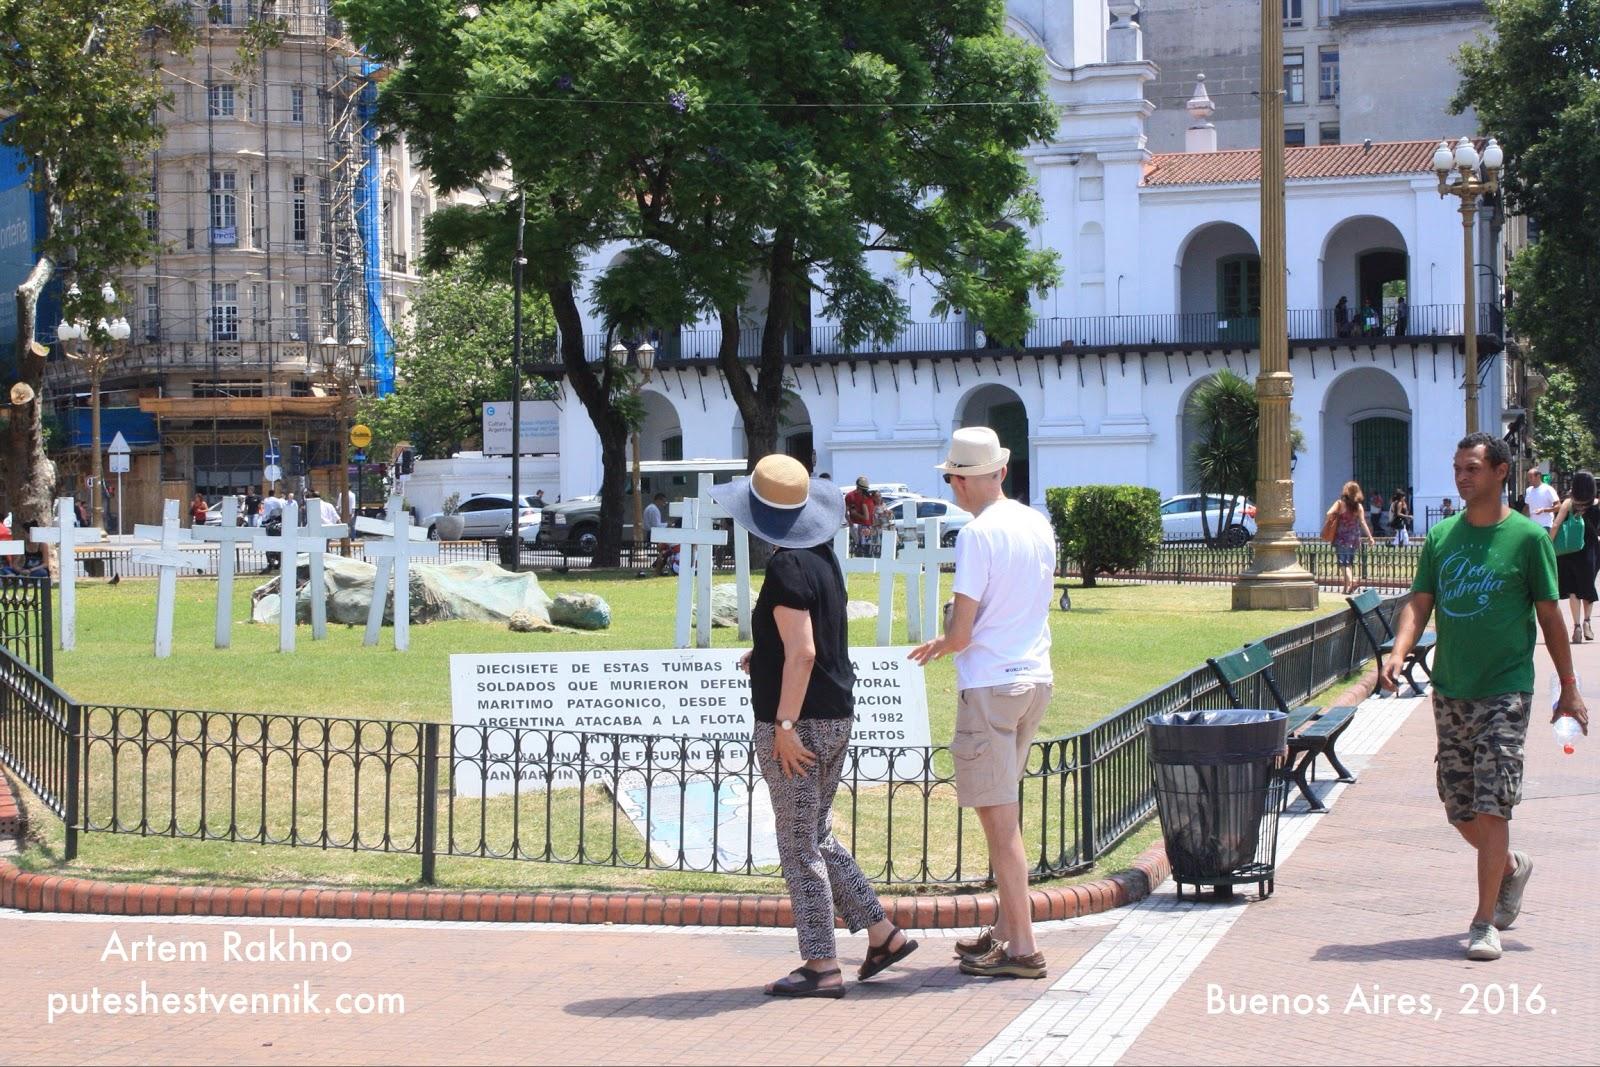 Кресты в Буэнос-Айресе